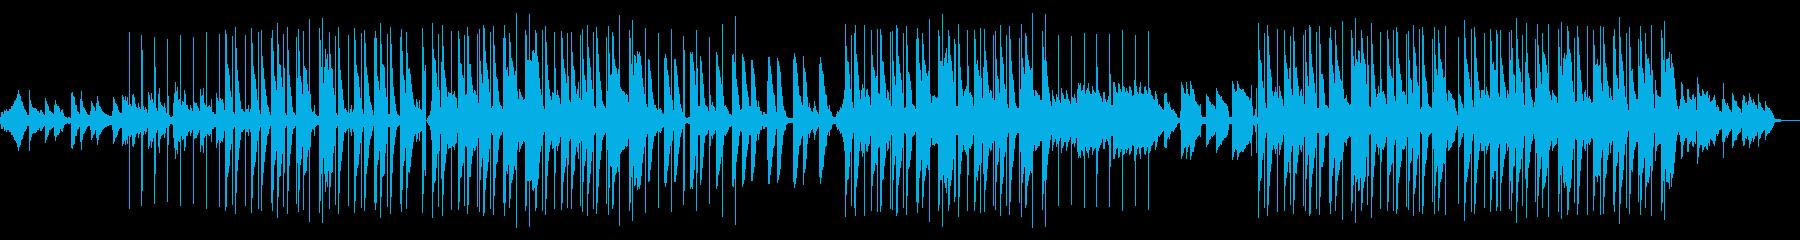 生演奏/感動的エンディングおすすめポップの再生済みの波形